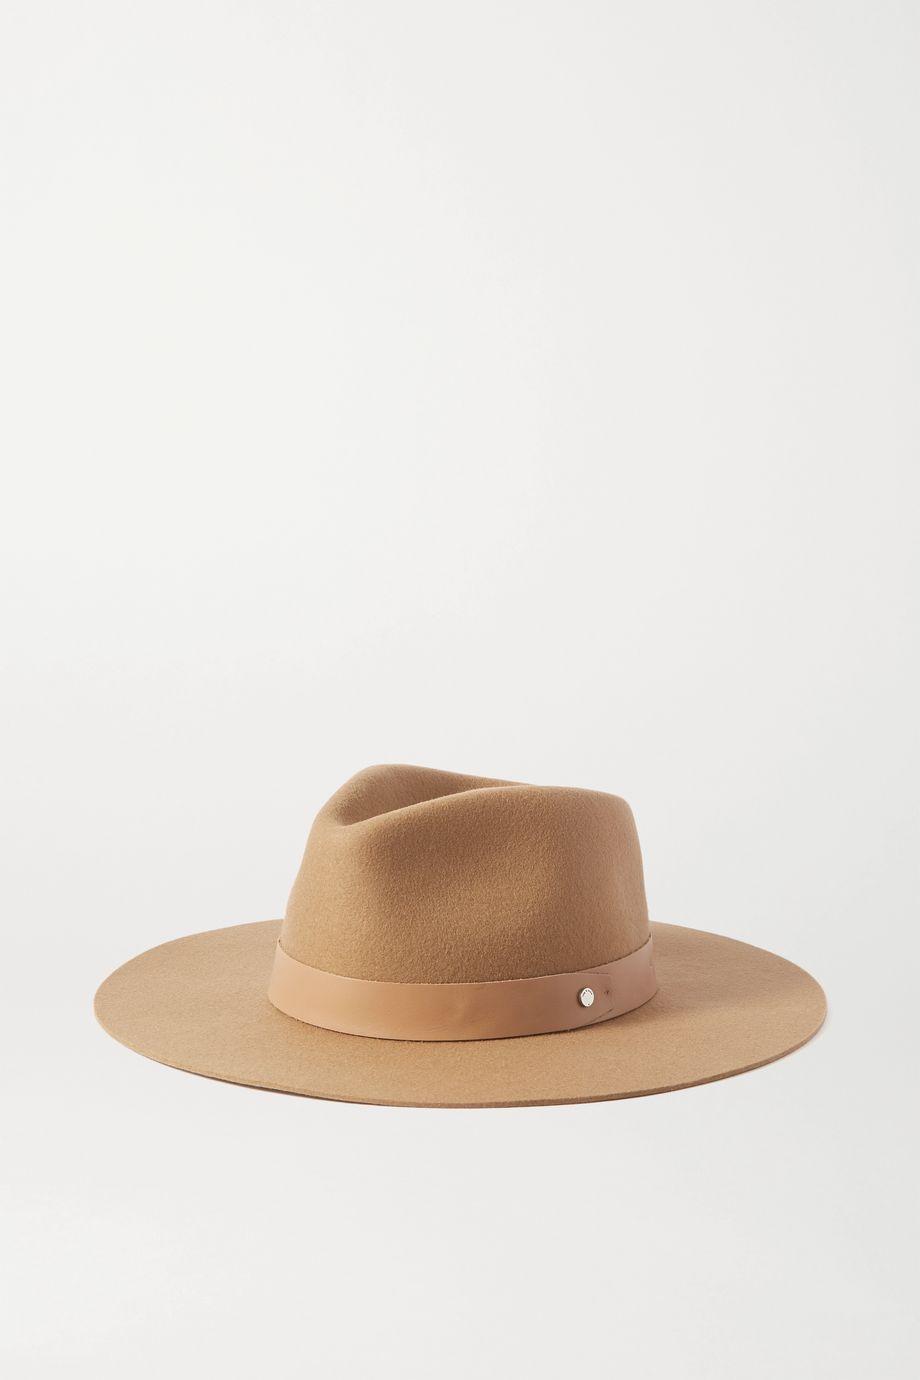 rag & bone Kacy 皮革边饰羊毛毡浅顶卷檐帽